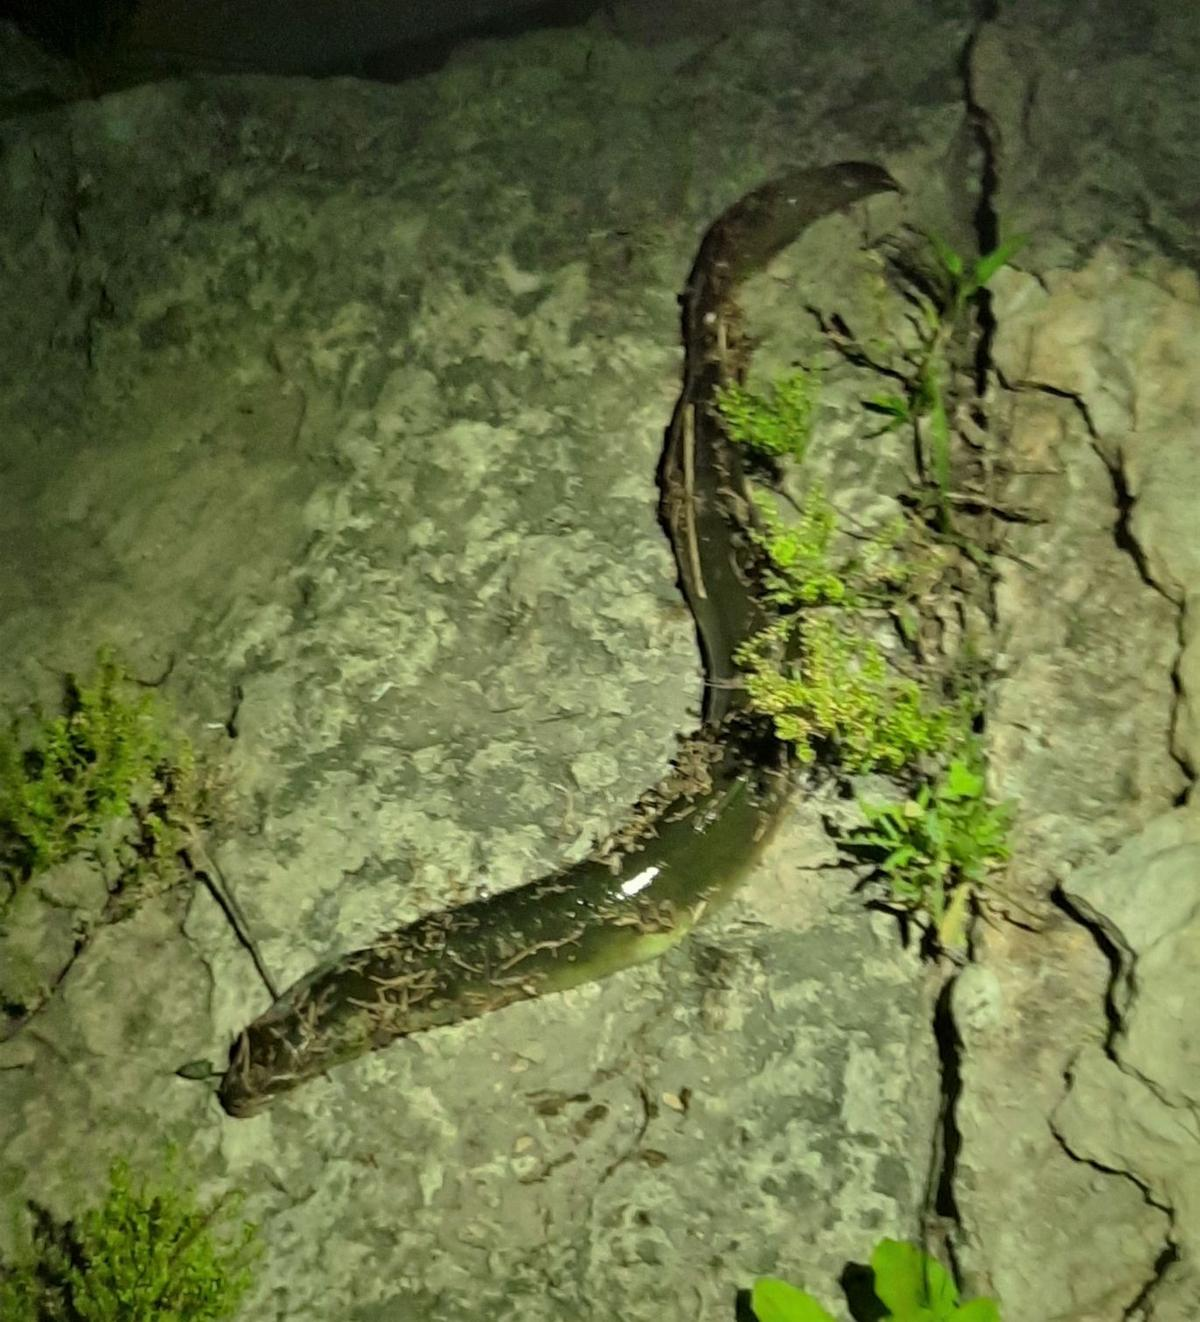 Mosher eel - 2